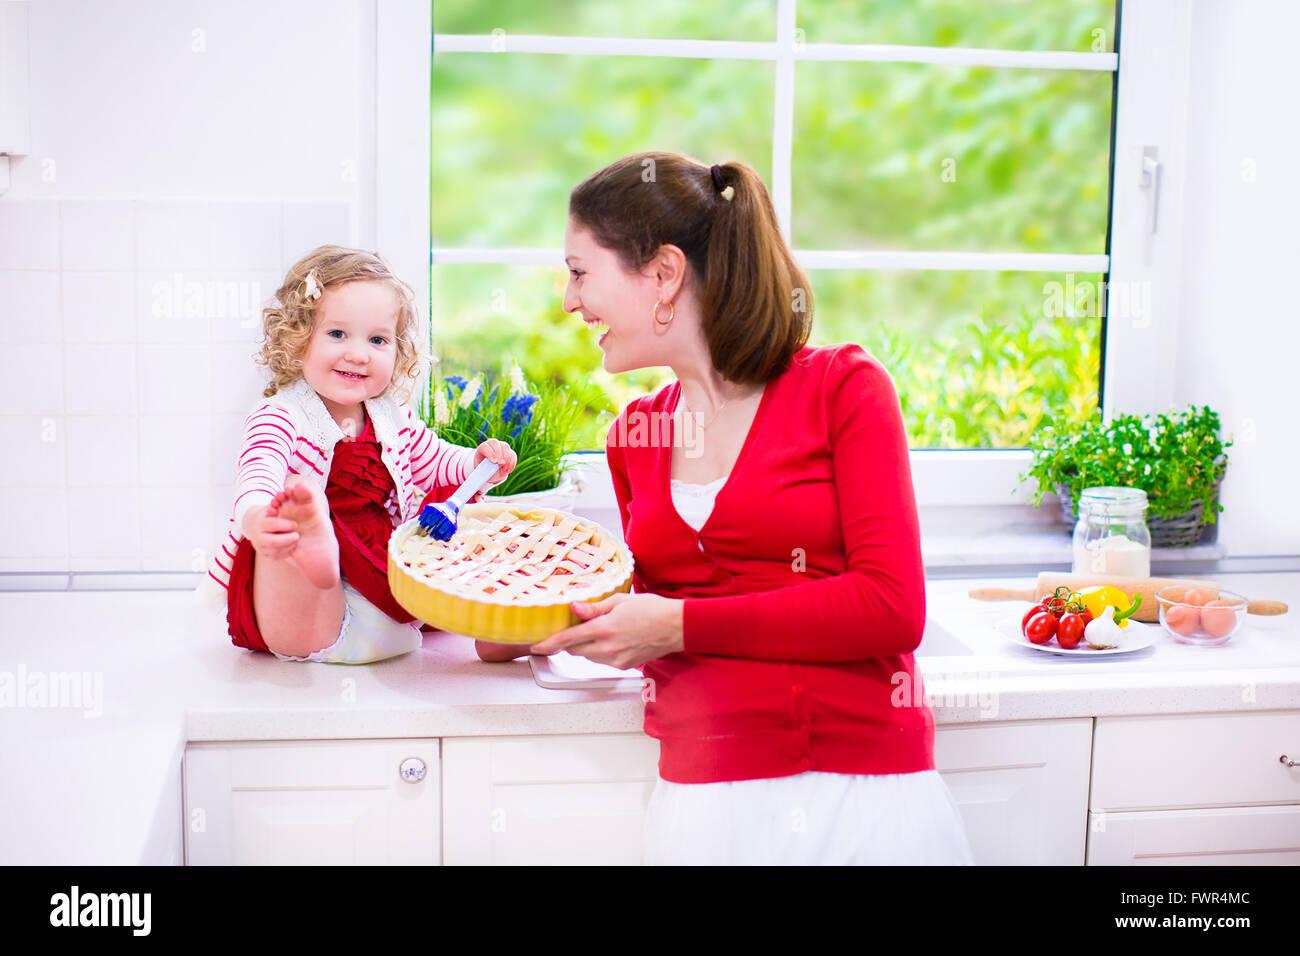 Junge Mutter Und Ihre Entzuckende Tochter Nette Lustige Kleinkind